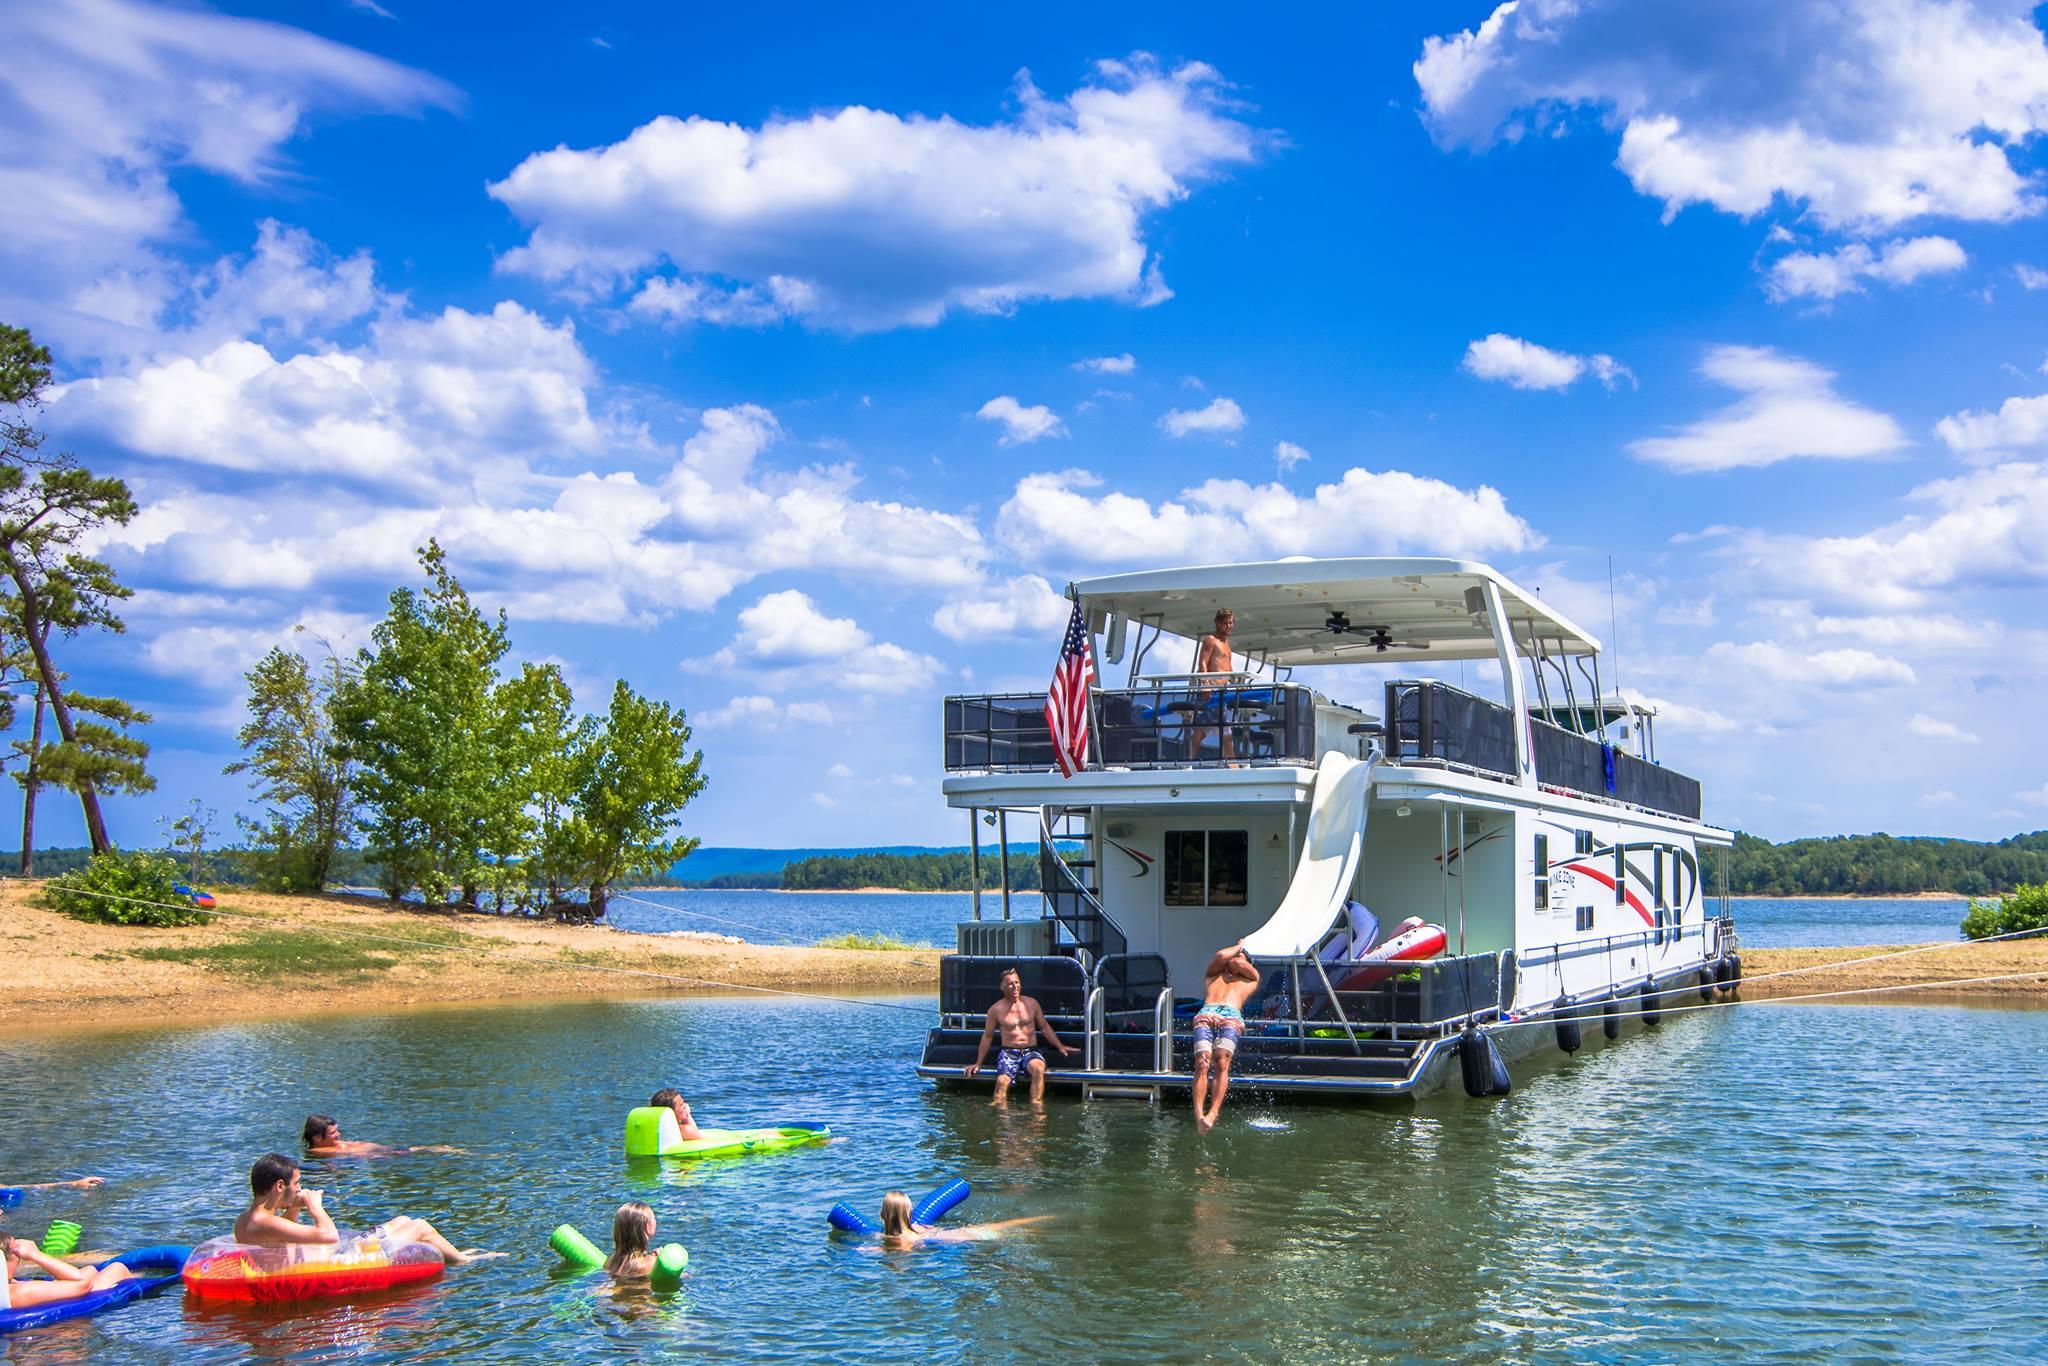 8/Lake Ouachita, Arkansas